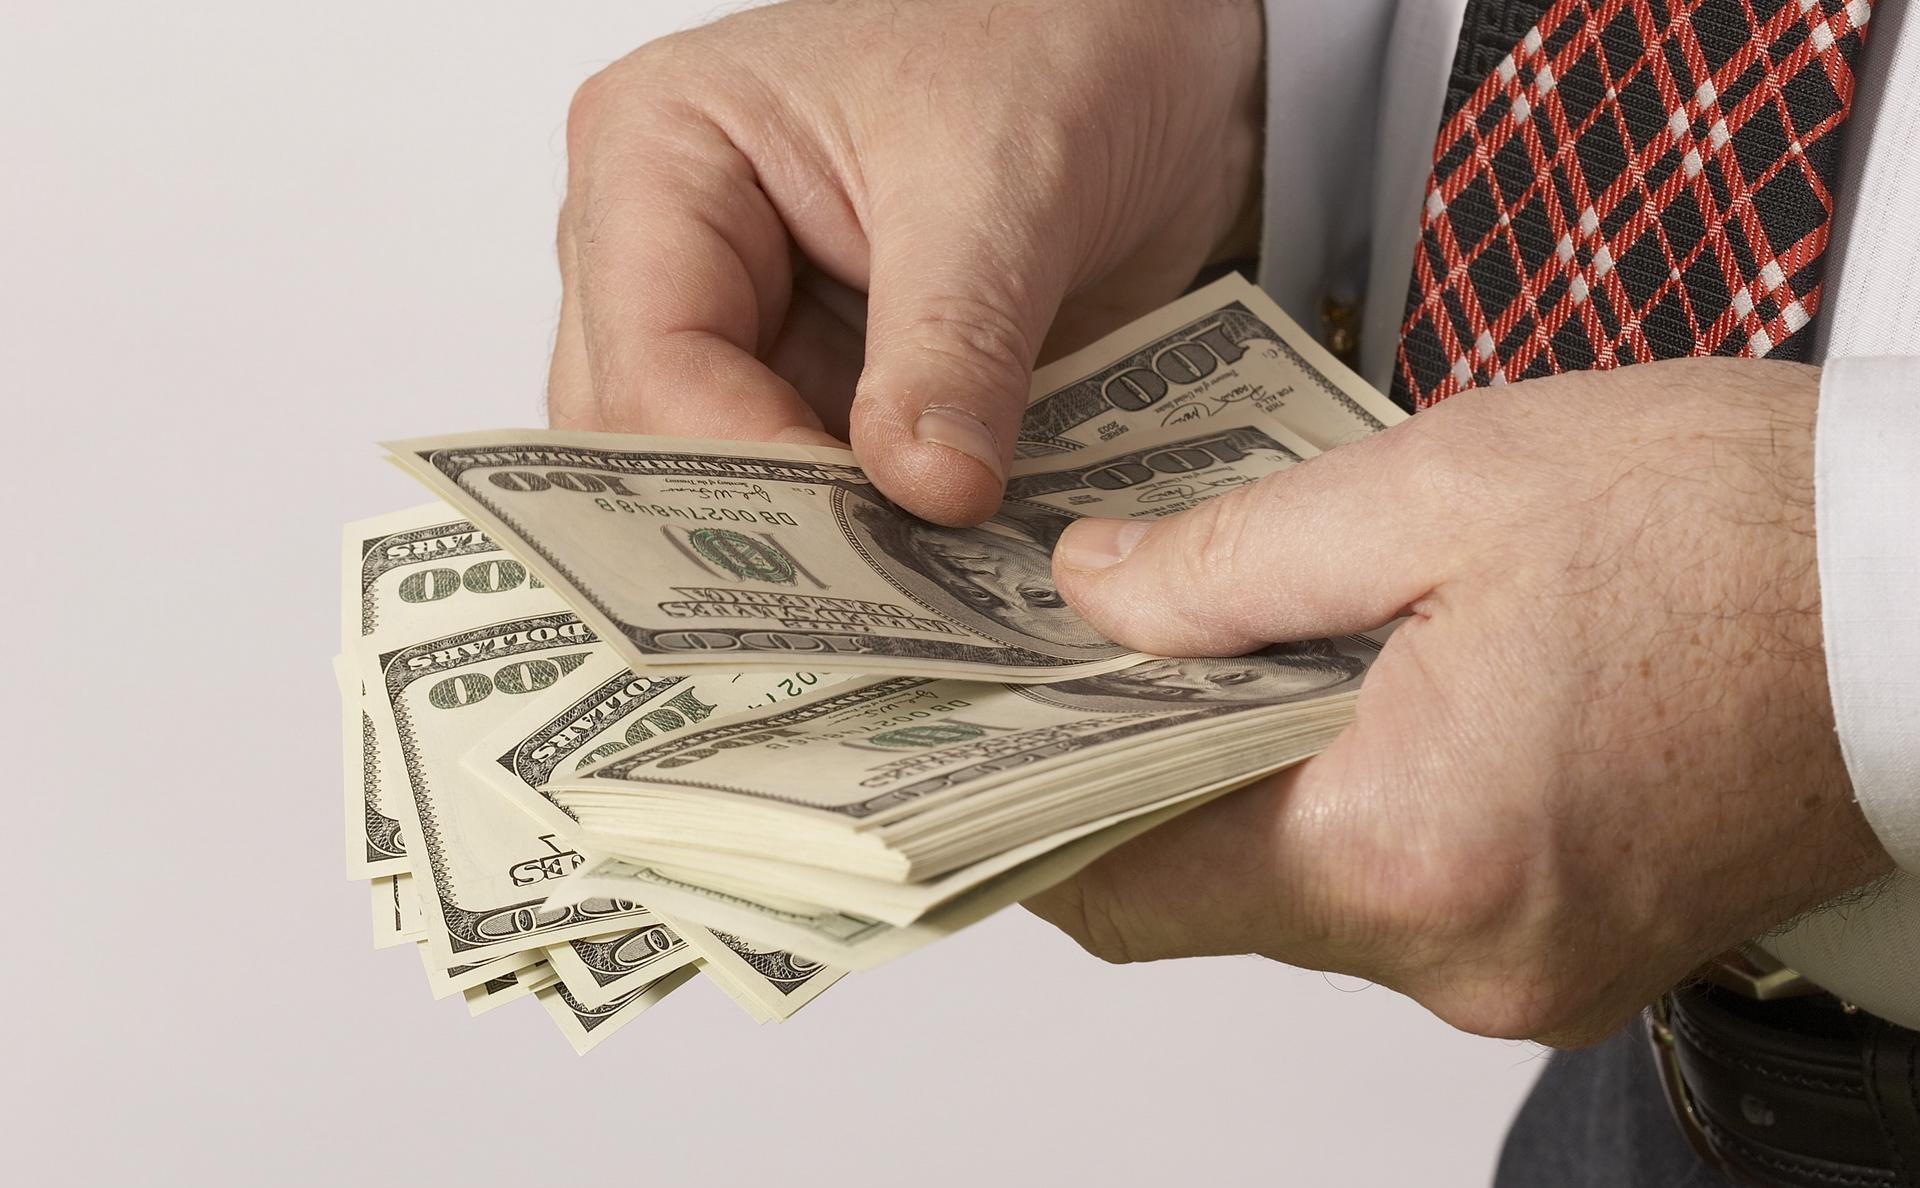 Материальные блага в виде денег